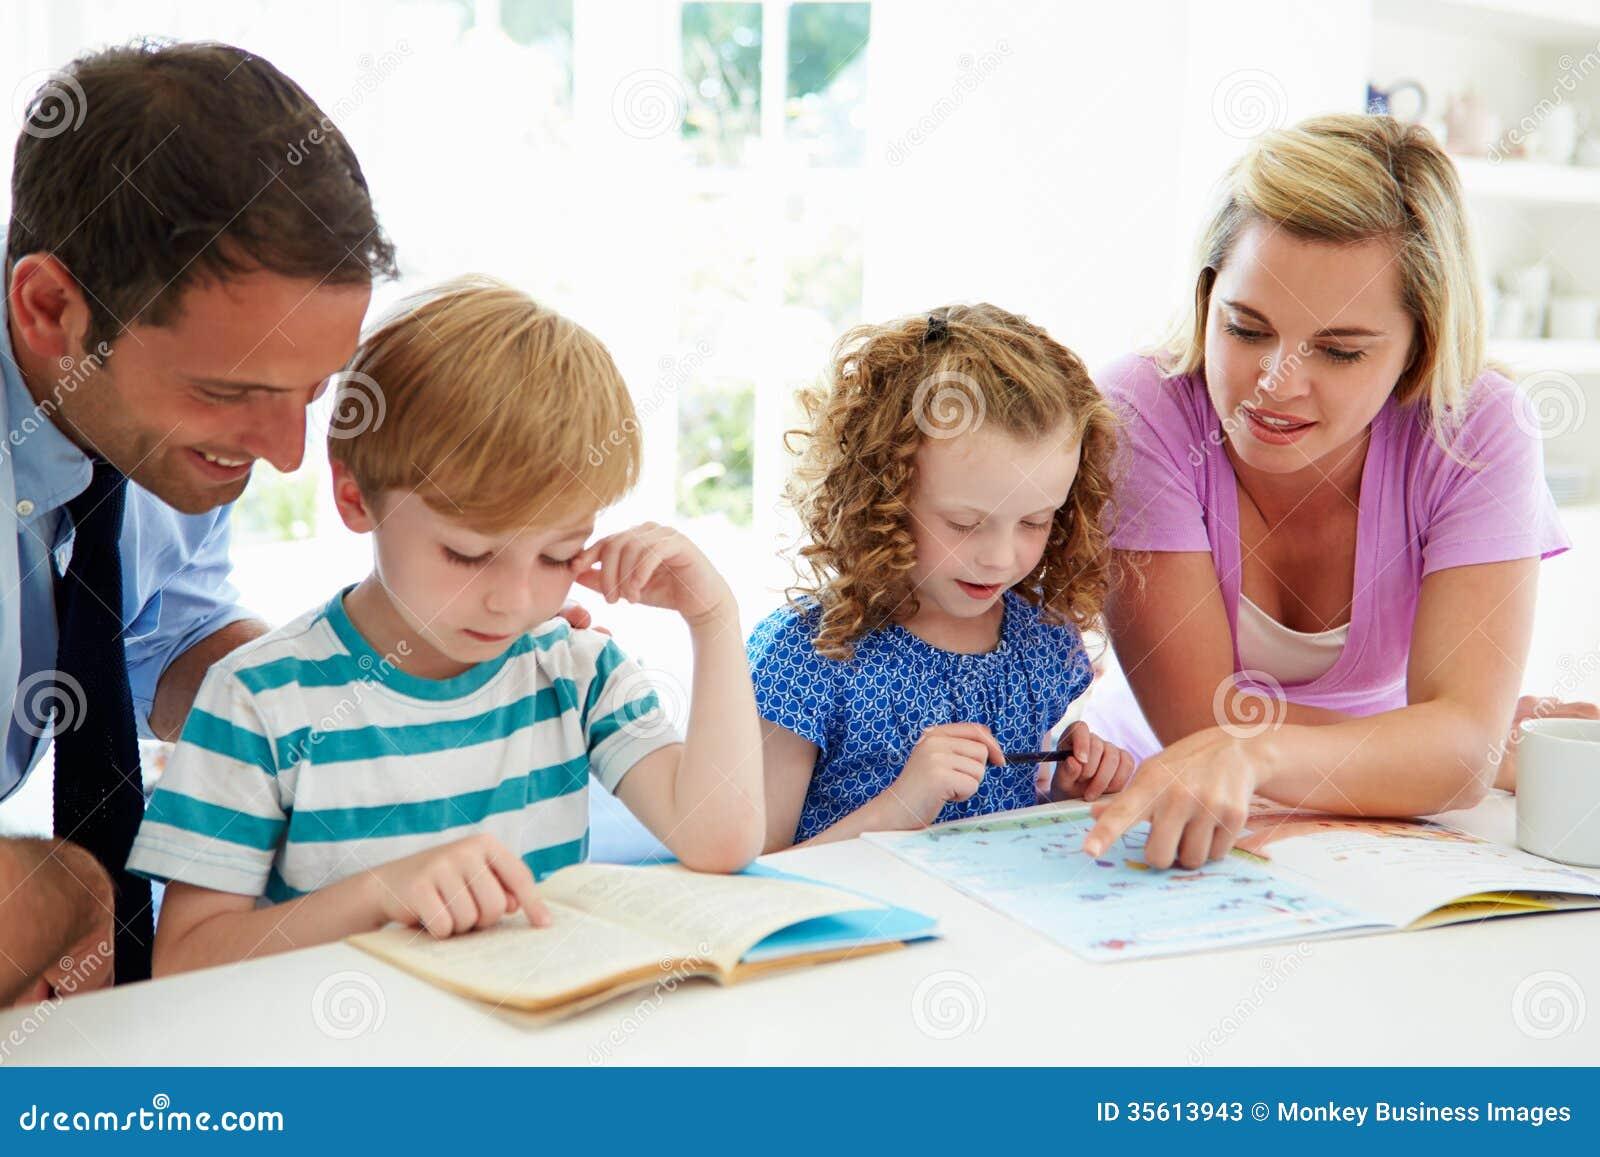 Genitori che aiutano i bambini con compito in cucina